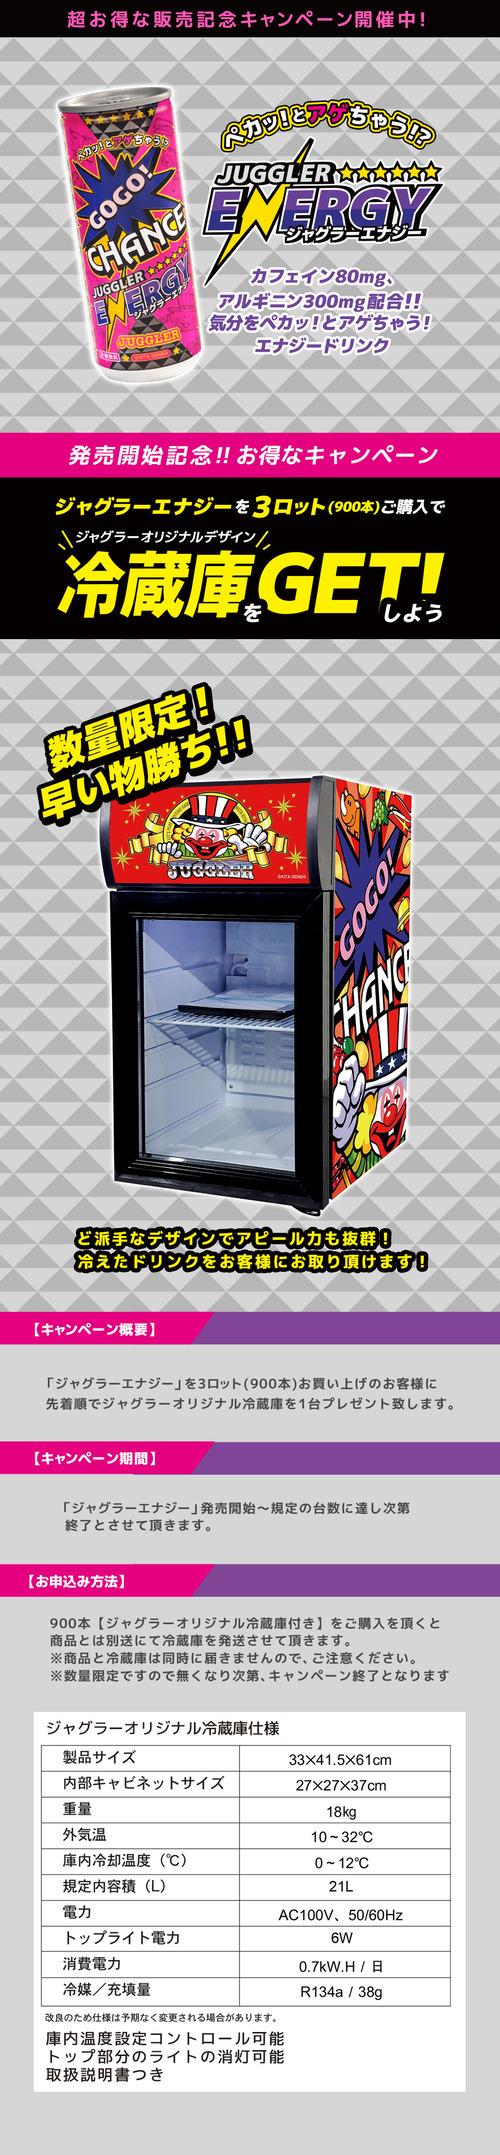 「ジャグラー エナジー」が新発売 900本一気買いで限定デザイン冷蔵庫がもらえる